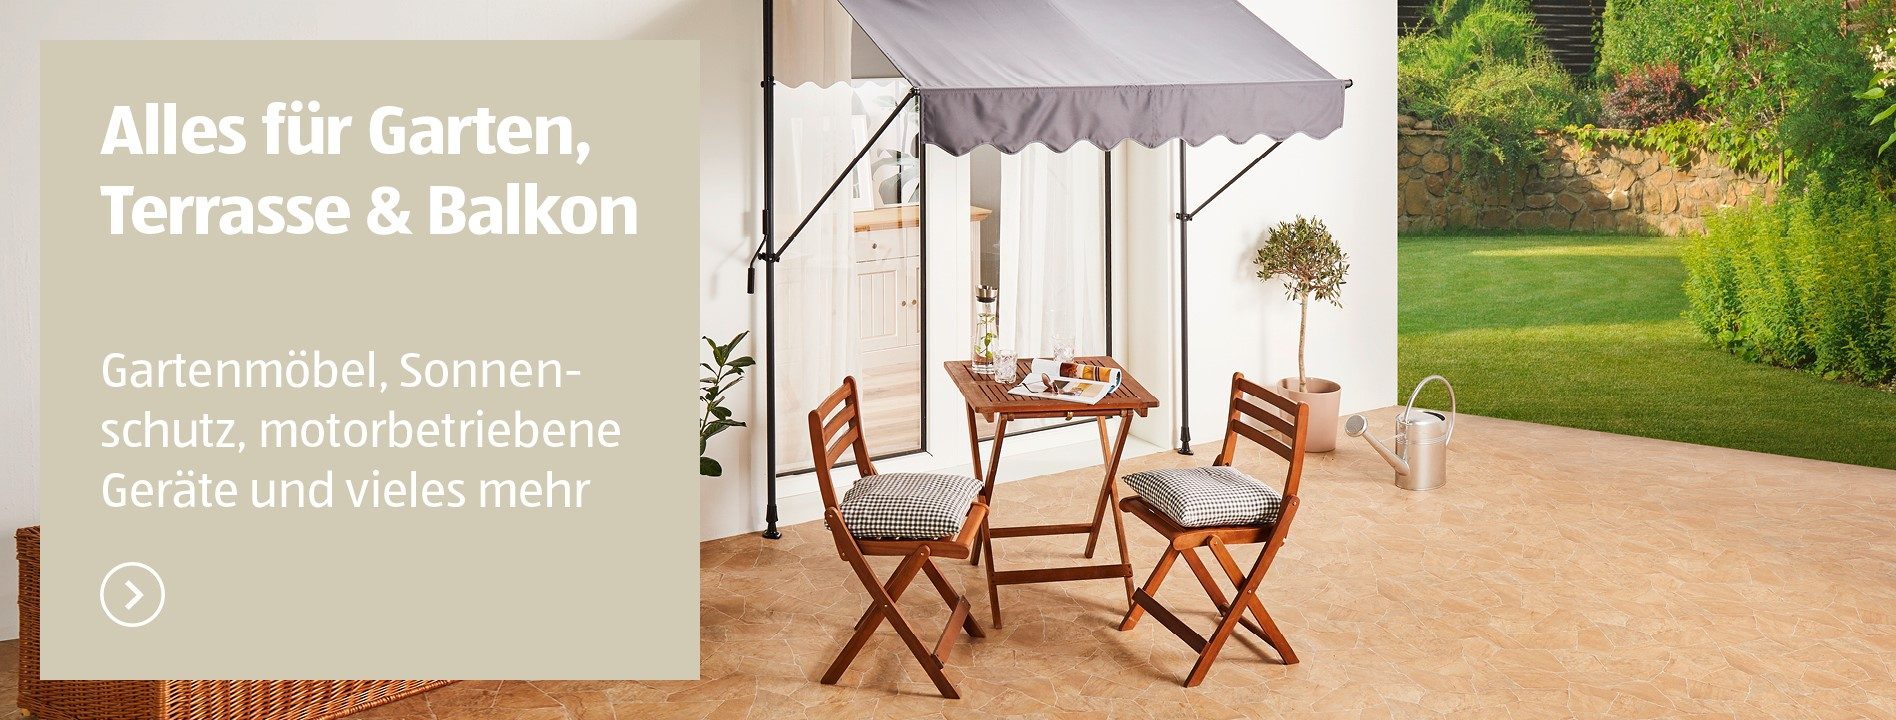 Full Size of Hochbeet Aldi Liefert Ihr Lieferservice Von Sd Relaxsessel Garten Wohnzimmer Hochbeet Aldi